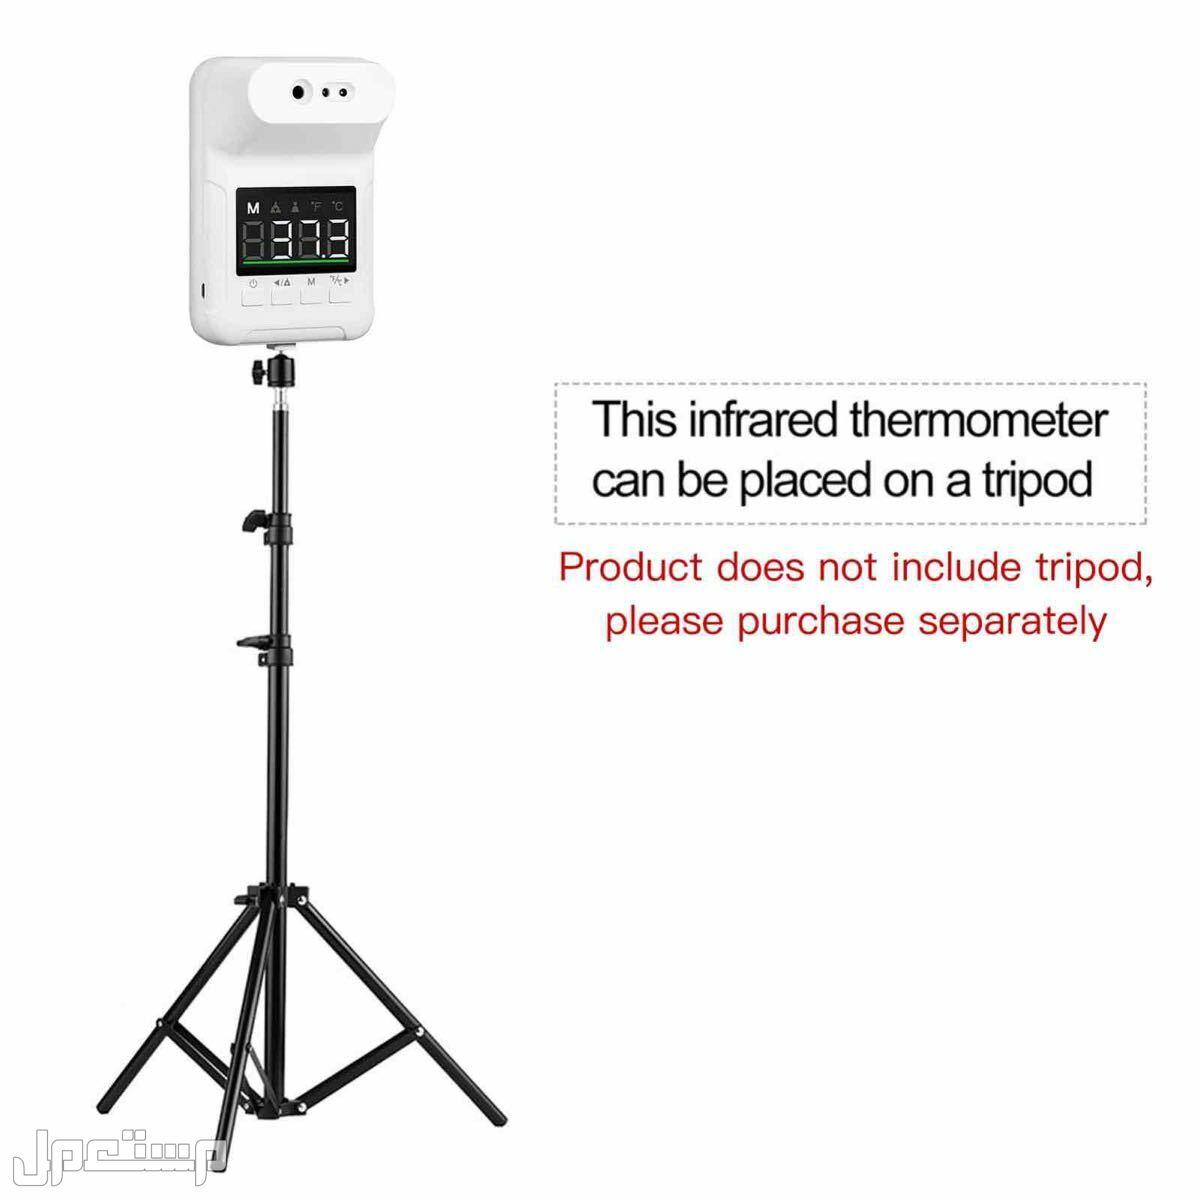 جهاز قياس حرارة مع ستاند